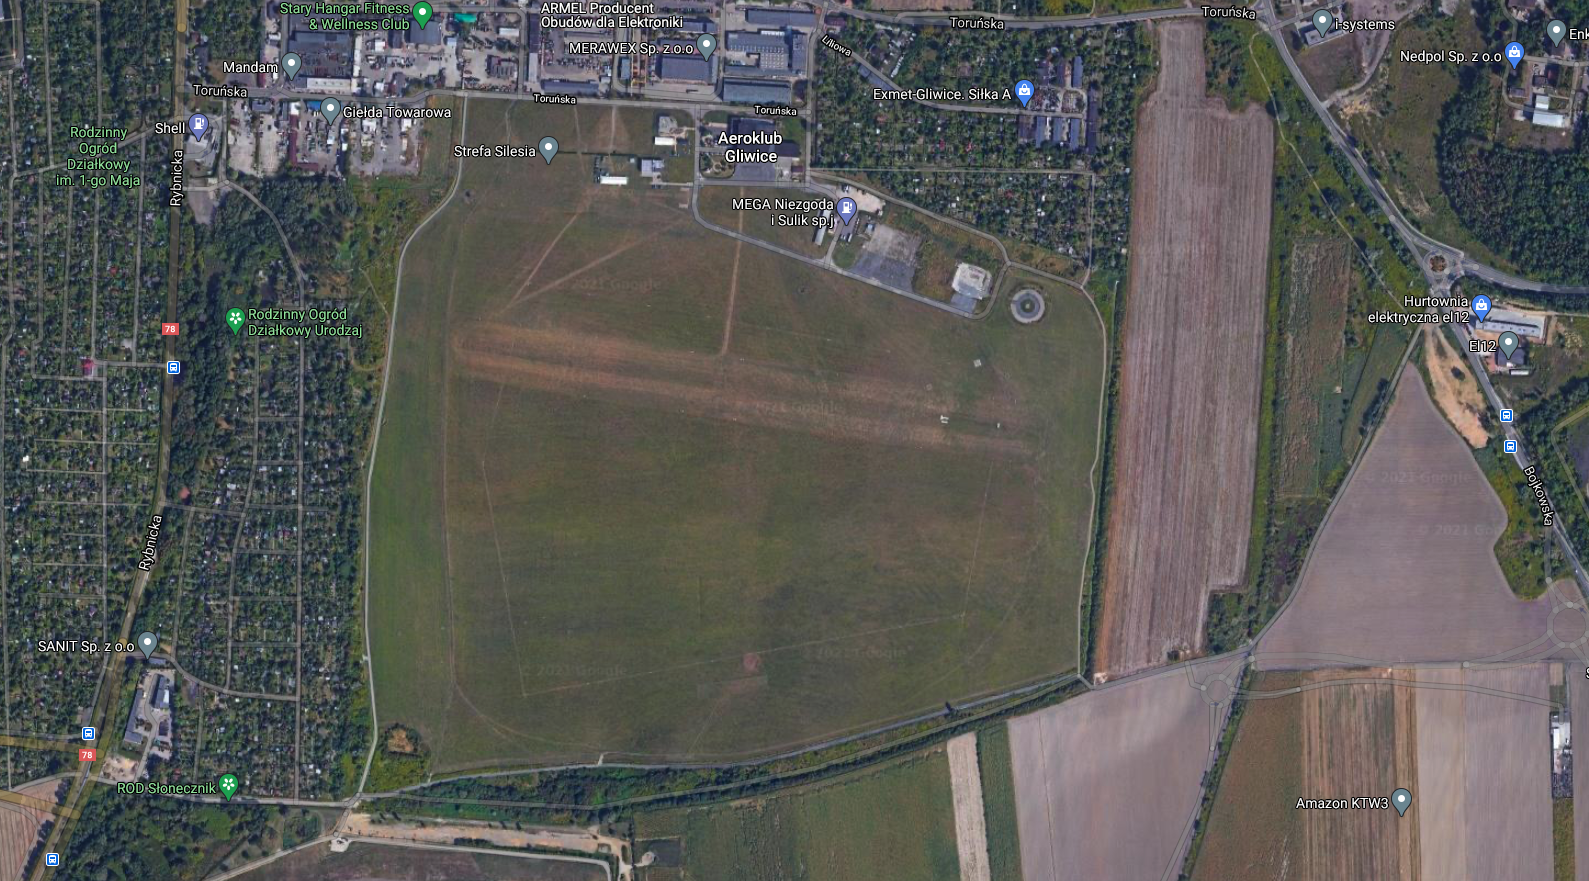 Lotnisko w Gliwicach. 2013 rok. Zdjęcie gogle